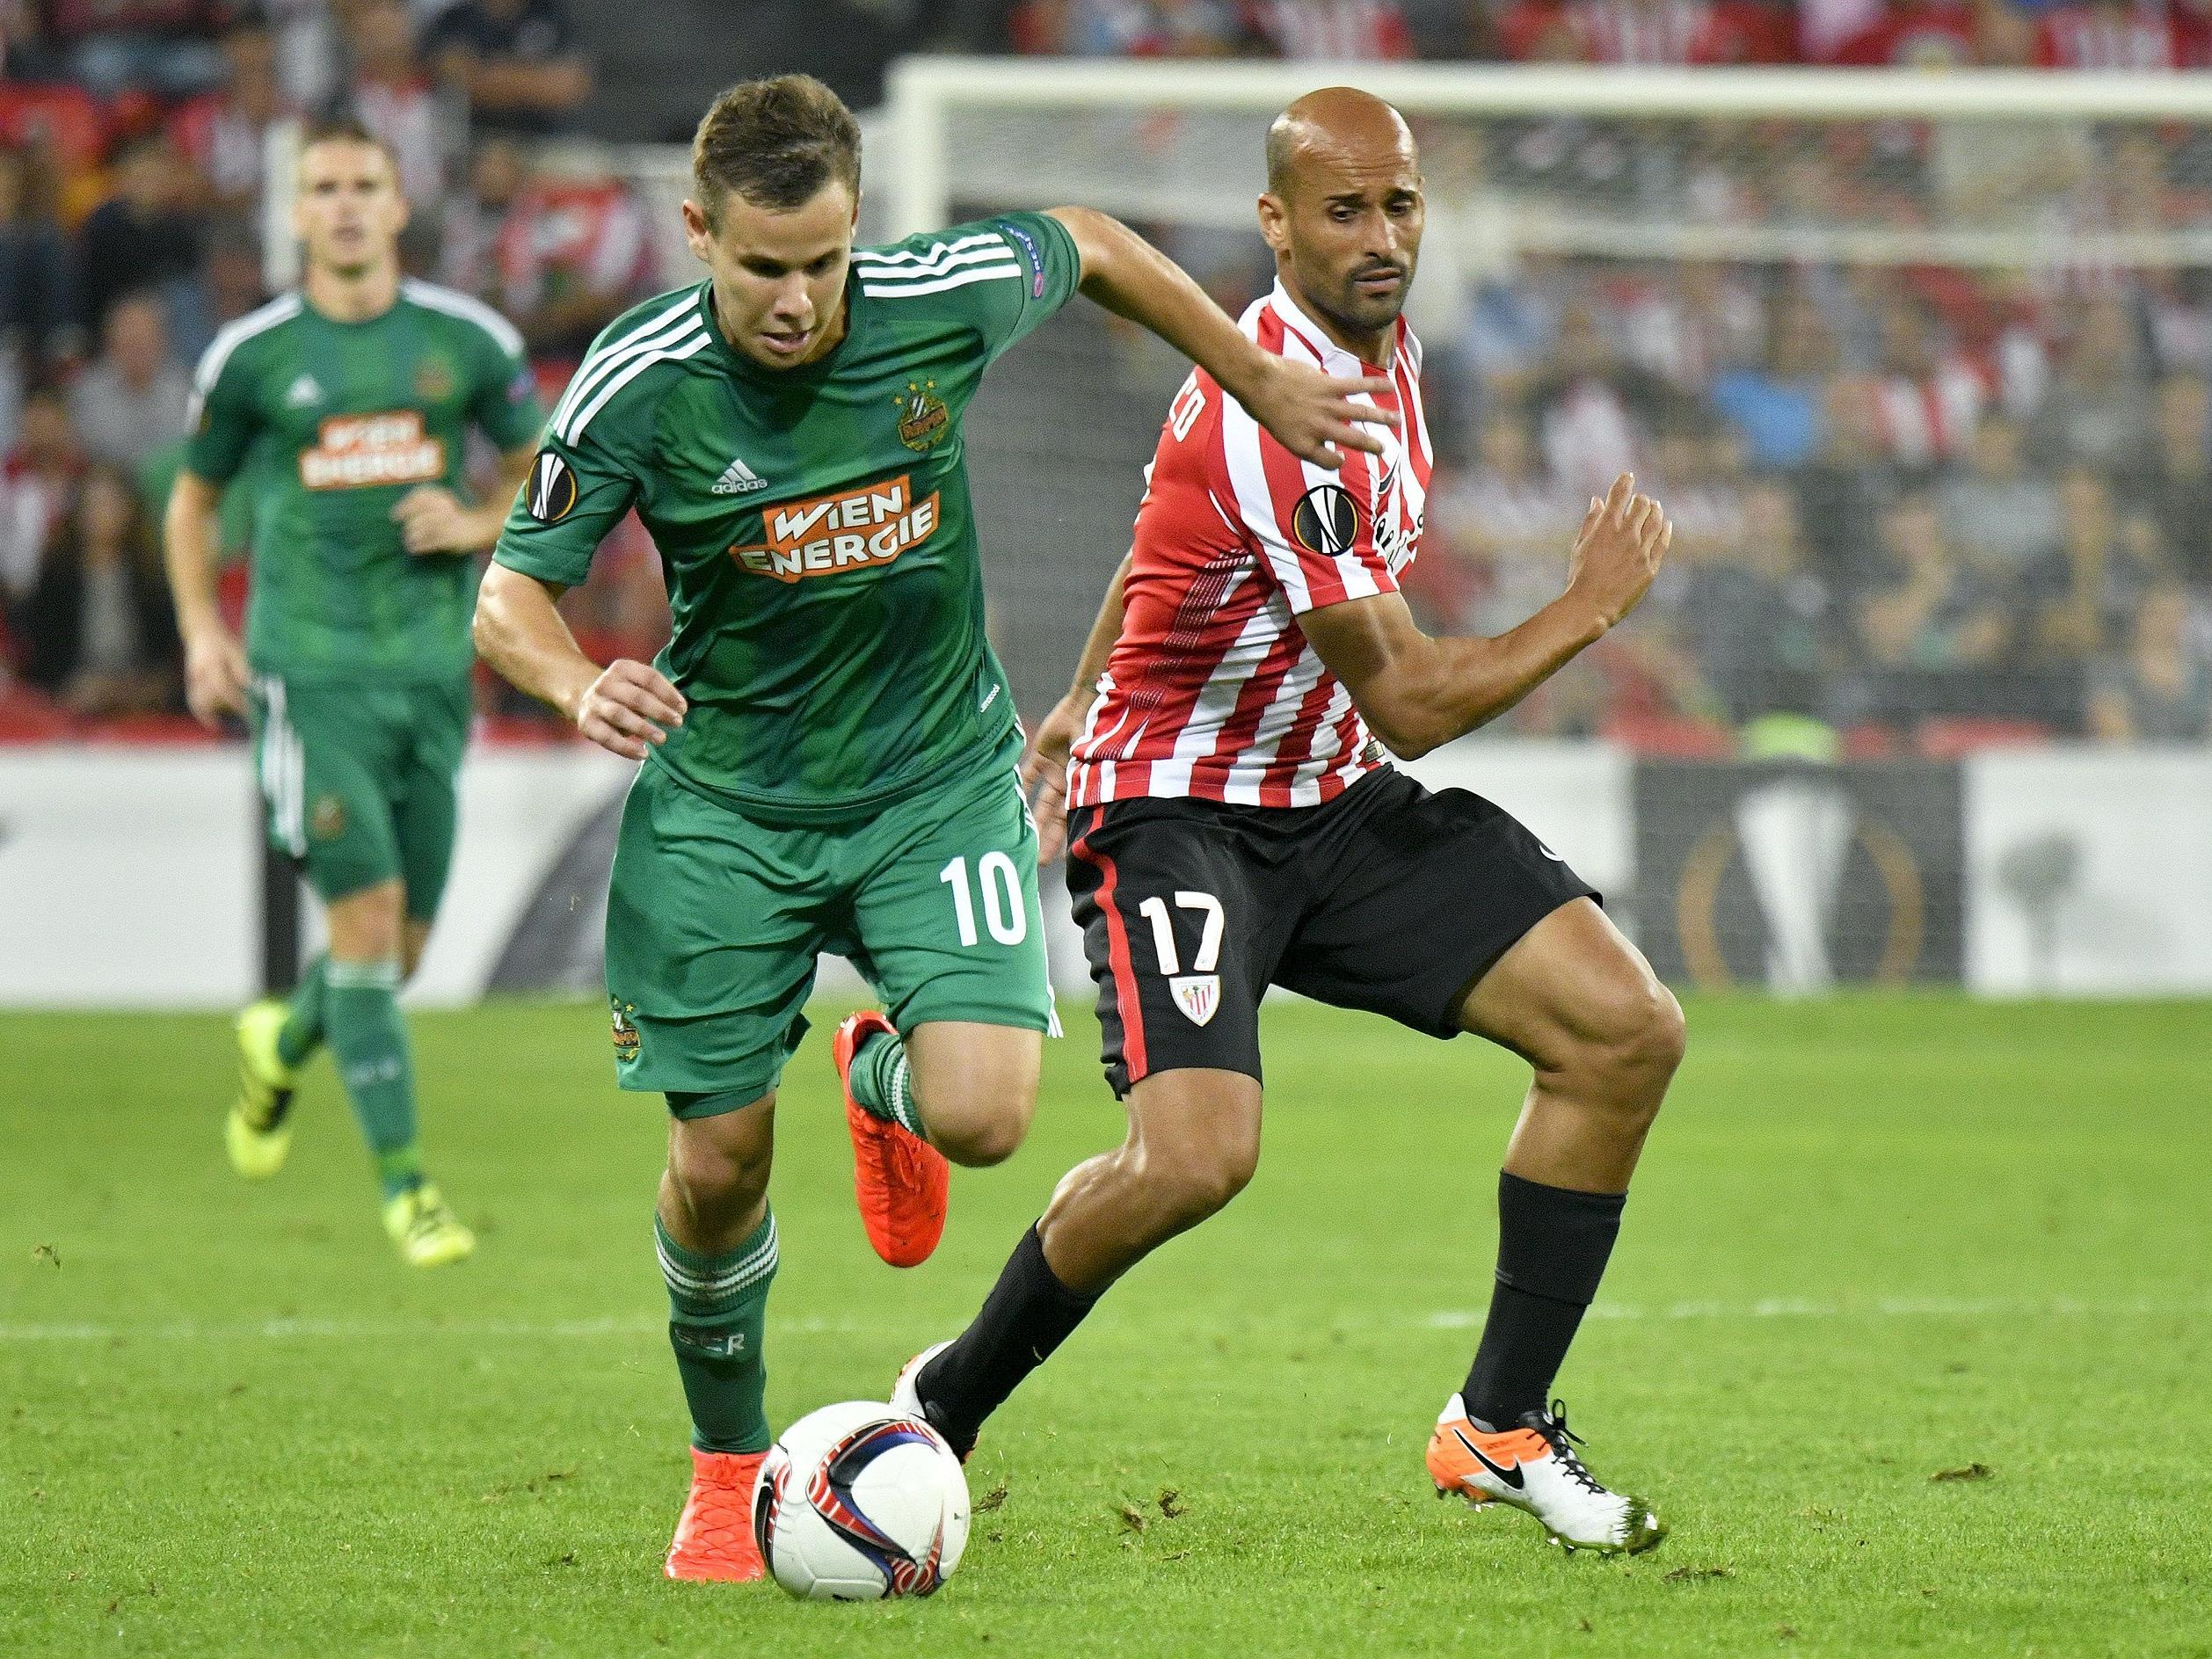 Rapid empfängt Athletic Bilbao im Allianz-Stadion.